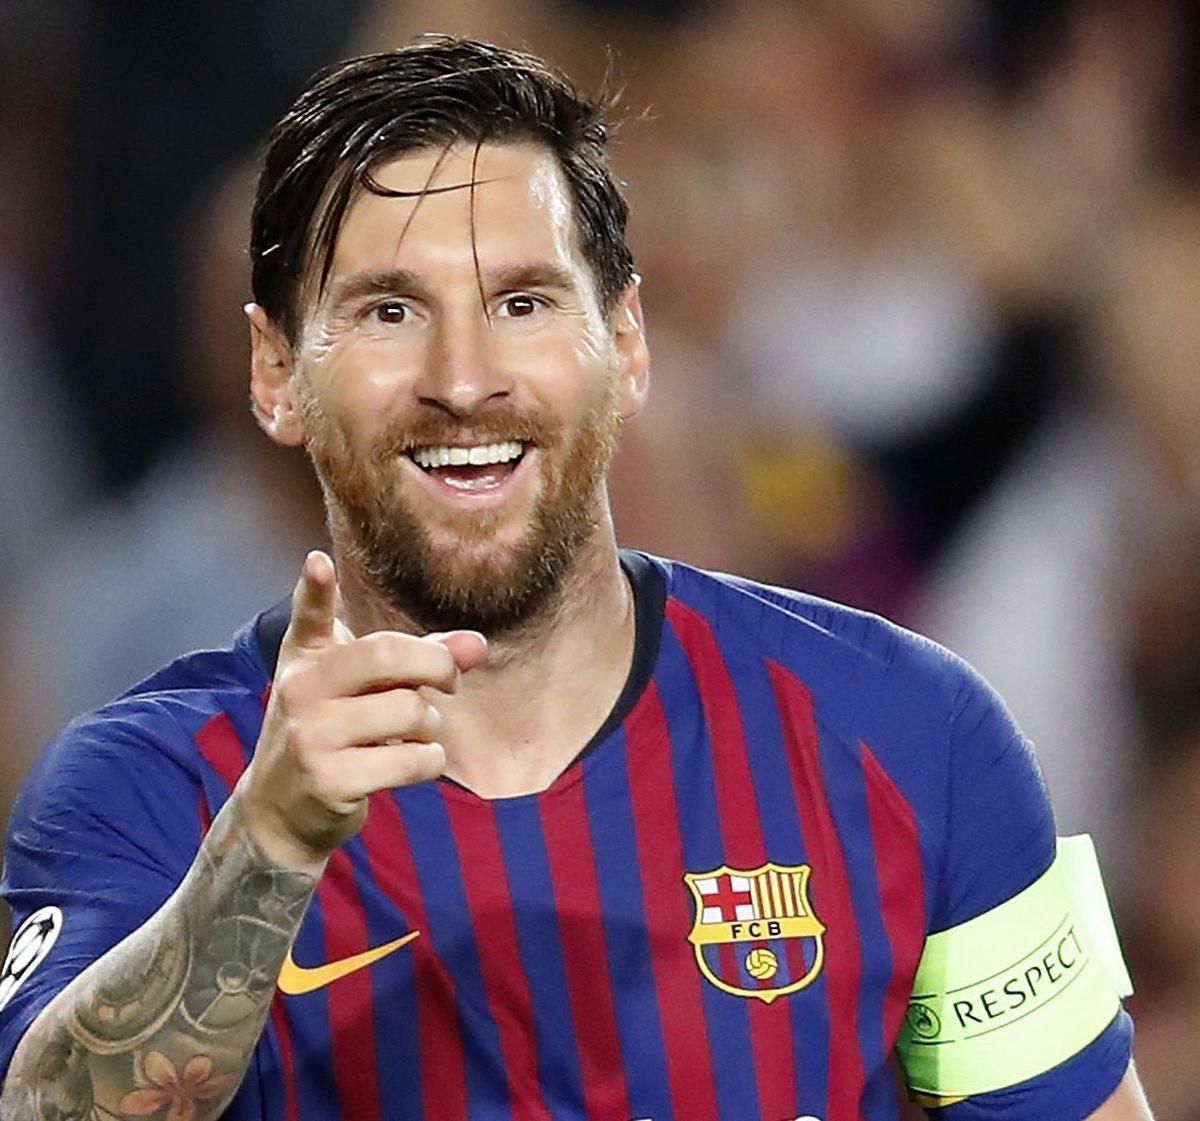 Celta Vigo Vs Barcelona Predictions Today: Barcelona Vs. Girona: Odds, Preview, Live Stream, TV Info